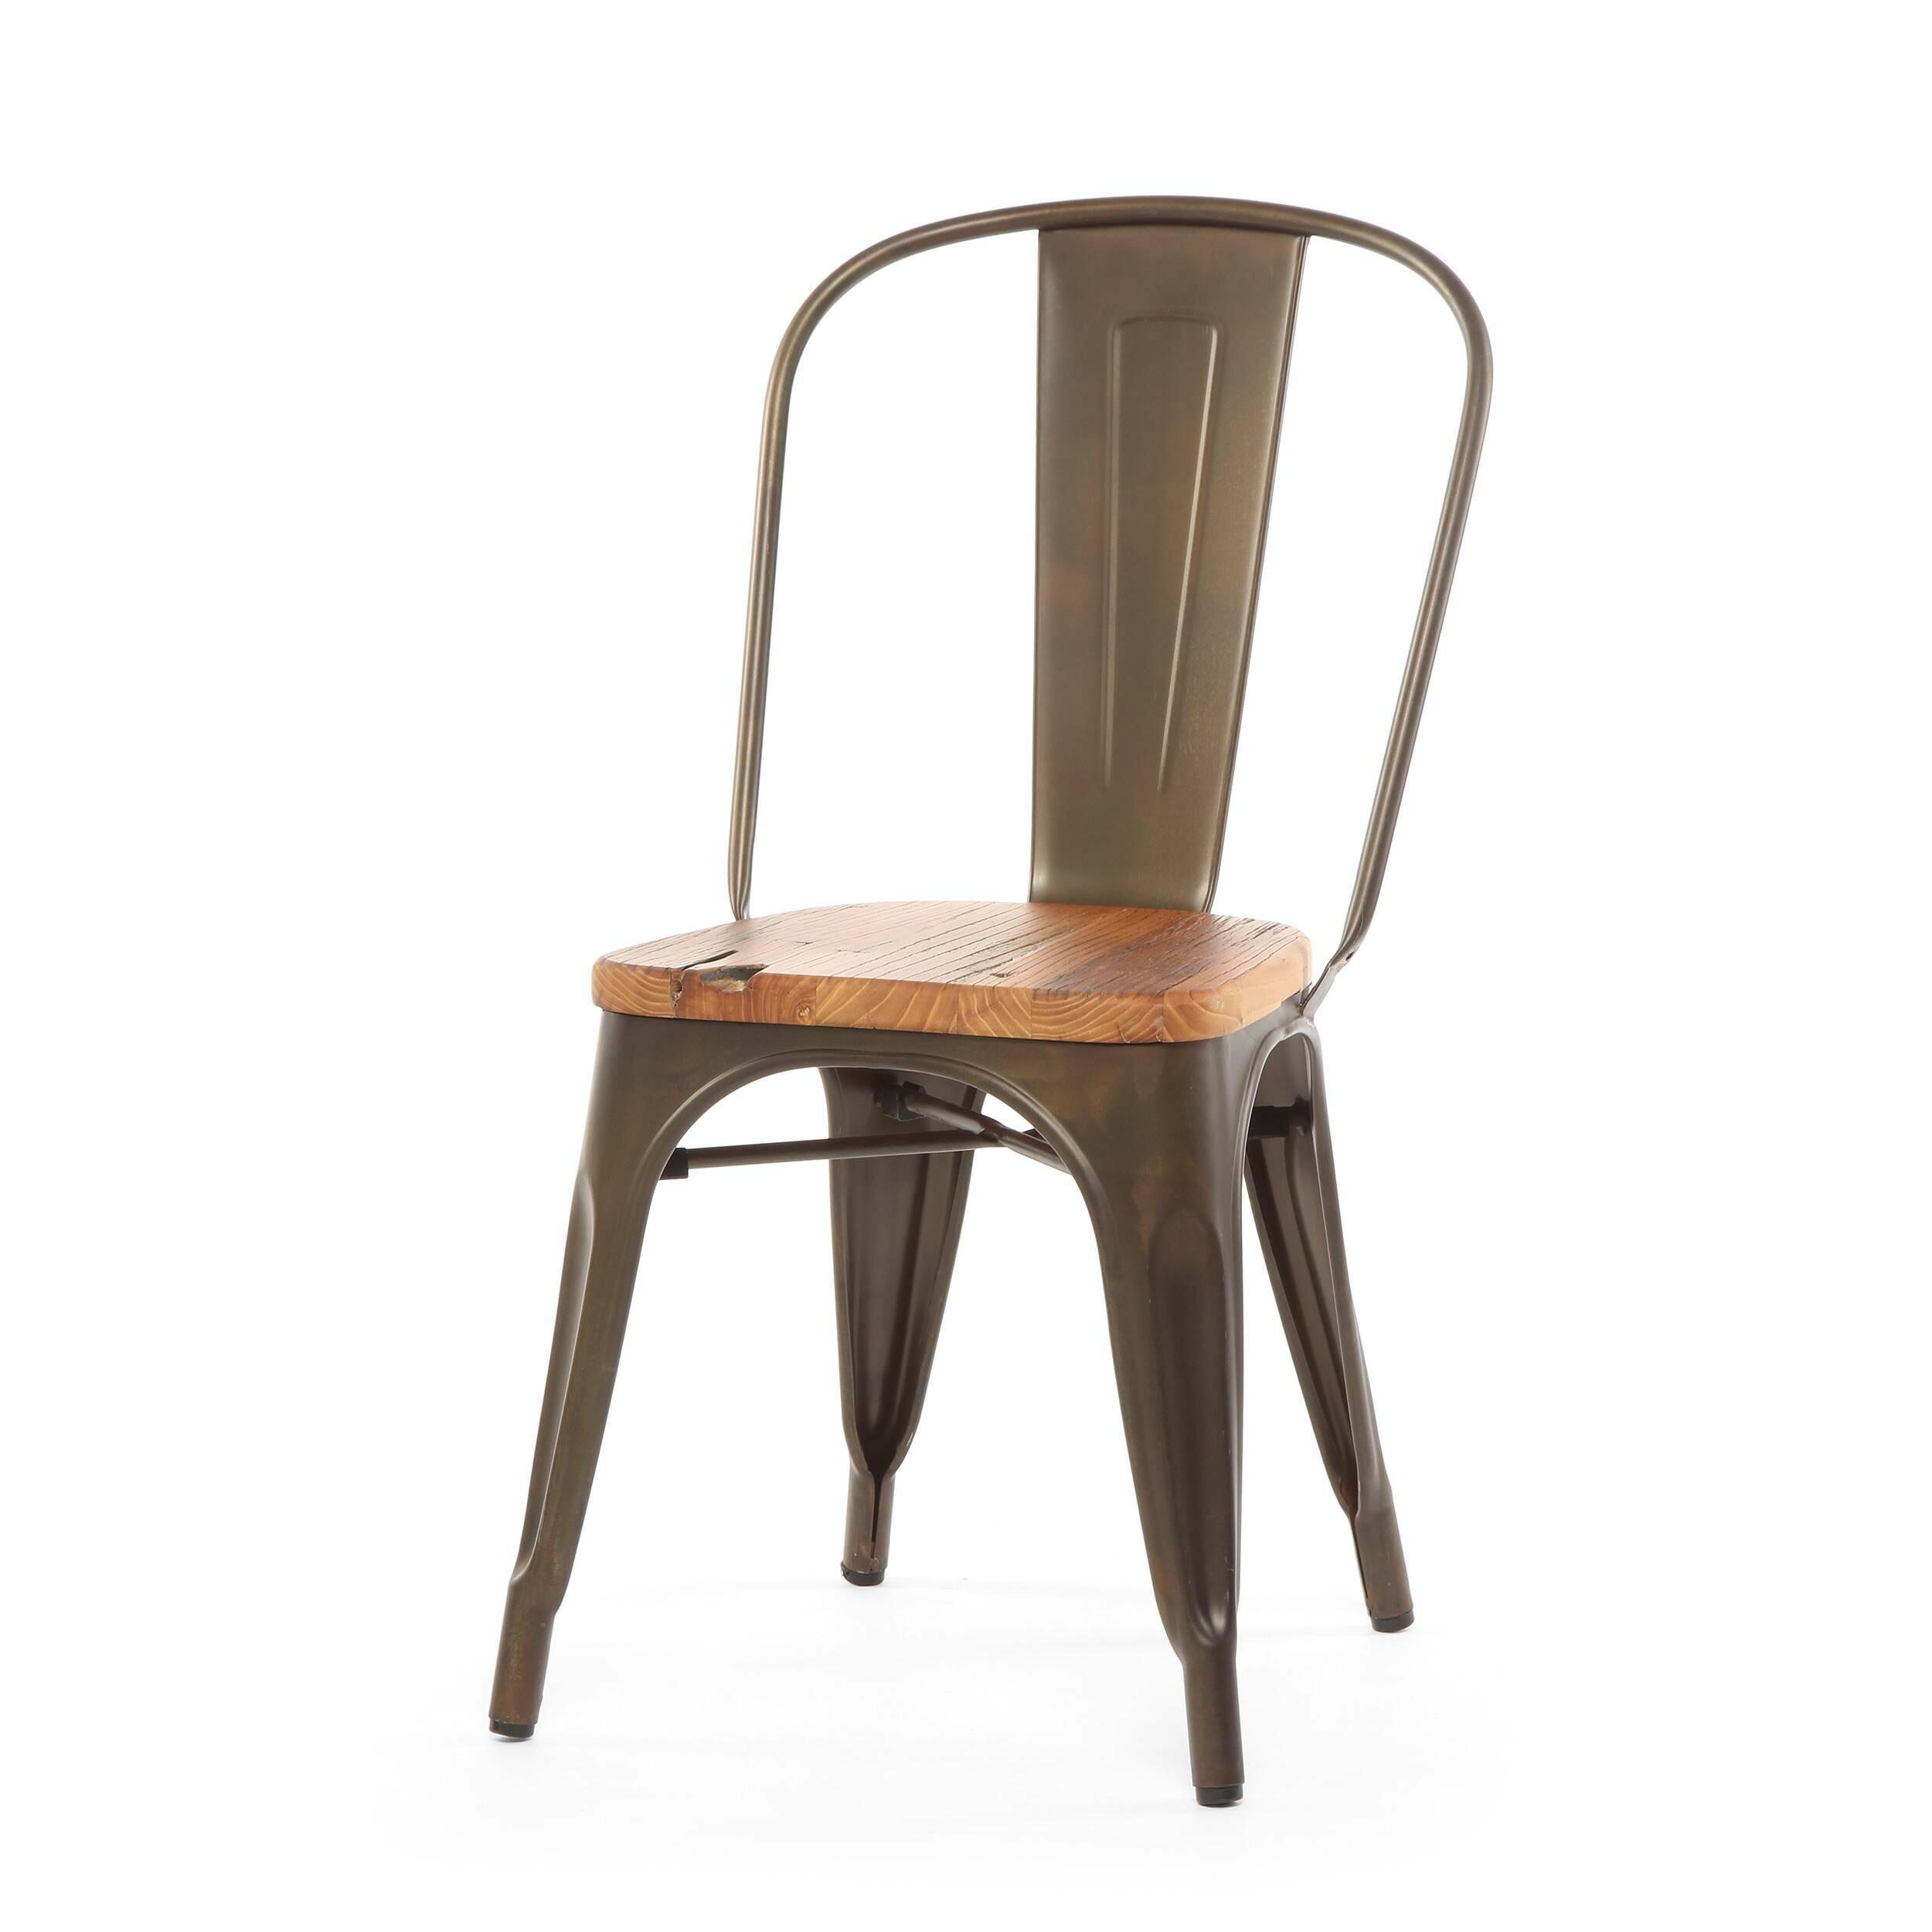 Стул Marais WoodИнтерьерные<br>Дизайнерский креативный жесткий стул Marais Wood (Мэрейс Вуд) на стальном каркасе с сиденьем из дерева от Cosmo (Космо).<br><br>     В современном мире не существует единого правила для создания интерьера, это вопрос личных предпочтений. Кто-то любит наличие картин в золоченых резных рамах, кто-то увлекается яркими восточными коврами и рогожками, а кому-то ближе холодный приглушенный блеск металла и промышленный дизайн в оформлении жилища.<br><br><br> Стул Marais Wood  — это именно индустриальный стиль...<br><br>stock: 0<br>Высота: 85<br>Высота сиденья: 45<br>Ширина: 46<br>Глубина: 51<br>Тип материала каркаса: Сталь<br>Материал сидения: Массив дуба<br>Цвет сидения: Дуб<br>Тип материала сидения: Дерево<br>Цвет каркаса: Ржавчина кофейная